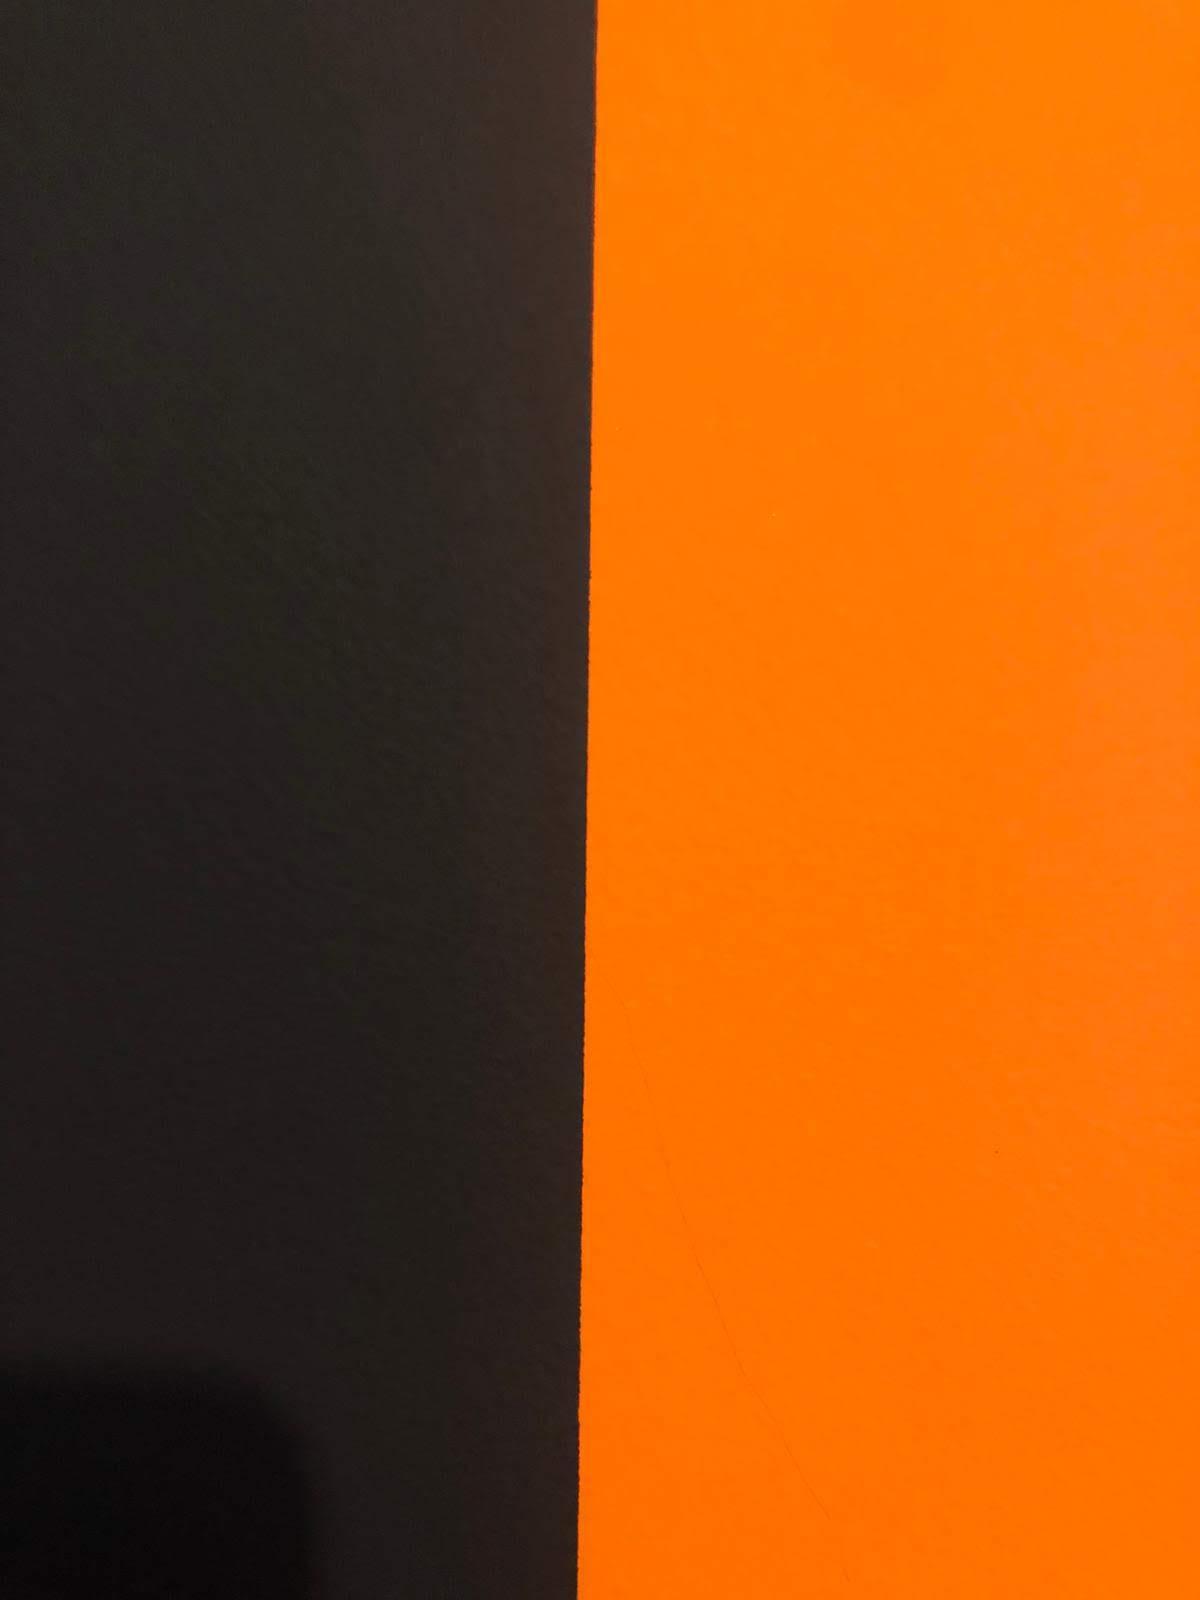 La délimitation entre 2 couleurs sur un mur en crépi doit être parfaitement nette et sans bavures